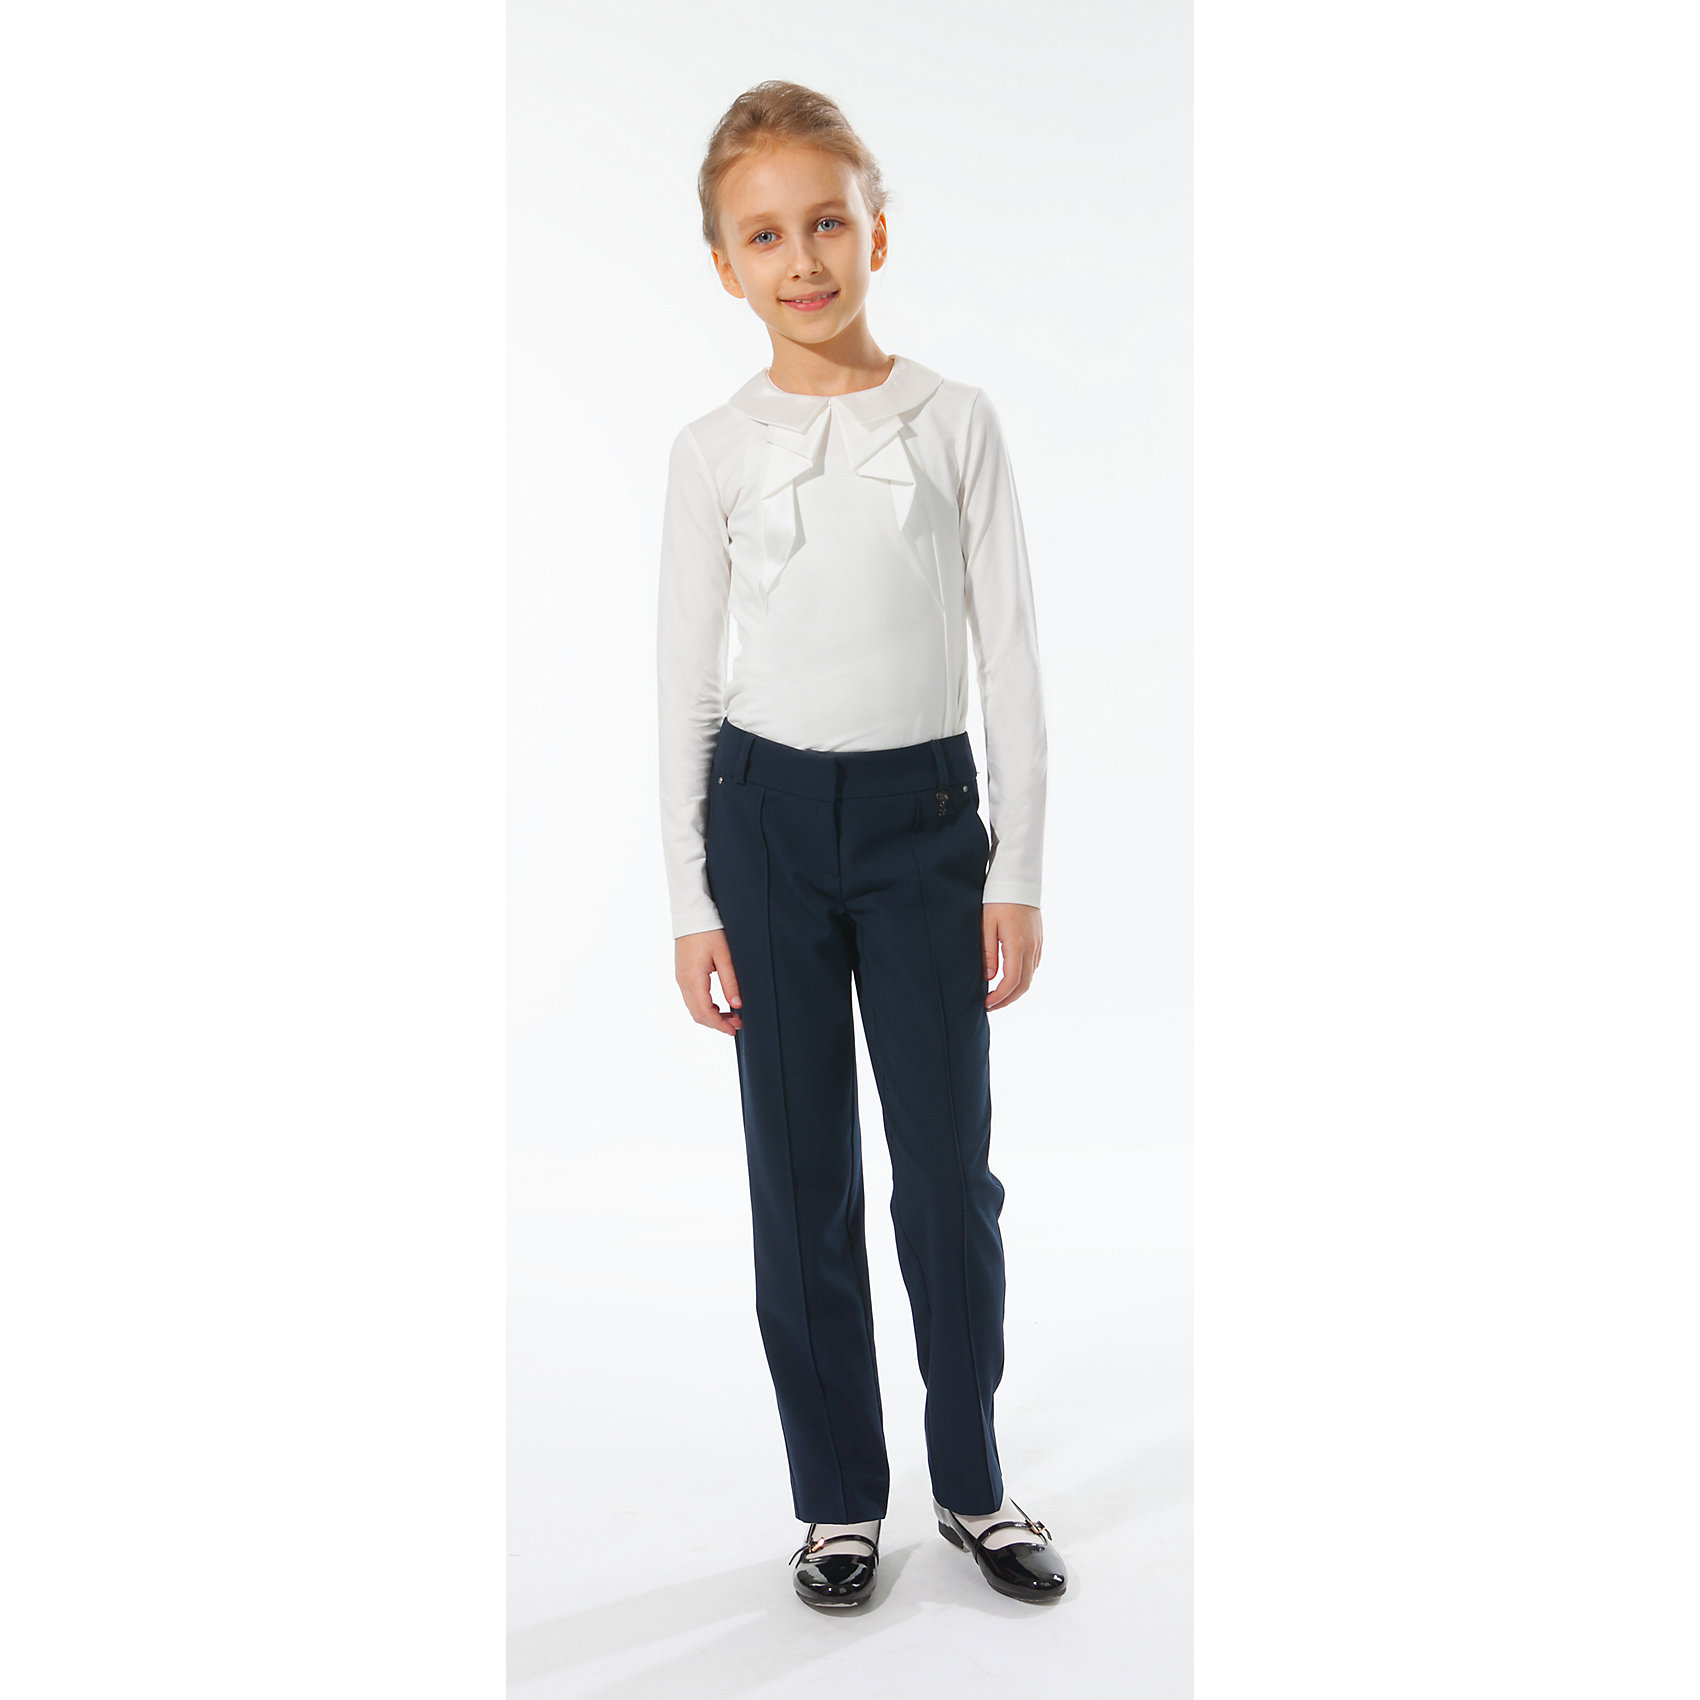 Блузка для девочки Silver SpoonБлузка для девочки Silver Spoon (Сильвер Спун) - отличный вариант для маленьких школьниц. Симпатичная модная блузка позволит создать свой оригинальный образ и чувствовать себя комфортно на протяжении всего дня занятий. Модель из хлопка очень легкая и приятная на ощупь, не раздражает кожу и позволяет ей дышать. У блузки длинные рукава, отложной атласный воротничок с застежкой на пуговице. Спереди модель декорирована оригинальными оборочками. Блузка хорошо сочетается с юбкой, брюками, костюмом и другими предметами школьного гардероба. Все модели Сильвер Спун предназначены для повседневного интенсивного использования и выполнены из прочных тканей, которые позволяют вещам выглядеть великолепно на протяжении длительного срока эксплуатации. Стирка при температуре 30°С, гладить при температуре до 150°С.<br><br>Дополнительная информация:<br><br>- Цвет: молочный.<br>- Материал: 95% хлопок, 5% спандекс.<br><br>Блузку для девочки, Silver Spoon (Сильвер Спун), можно купить в нашем интернет-магазине.<br><br>Ширина мм: 186<br>Глубина мм: 87<br>Высота мм: 198<br>Вес г: 197<br>Цвет: белый<br>Возраст от месяцев: 132<br>Возраст до месяцев: 144<br>Пол: Женский<br>Возраст: Детский<br>Размер: 152,164,146,128,134,140,158<br>SKU: 4145833